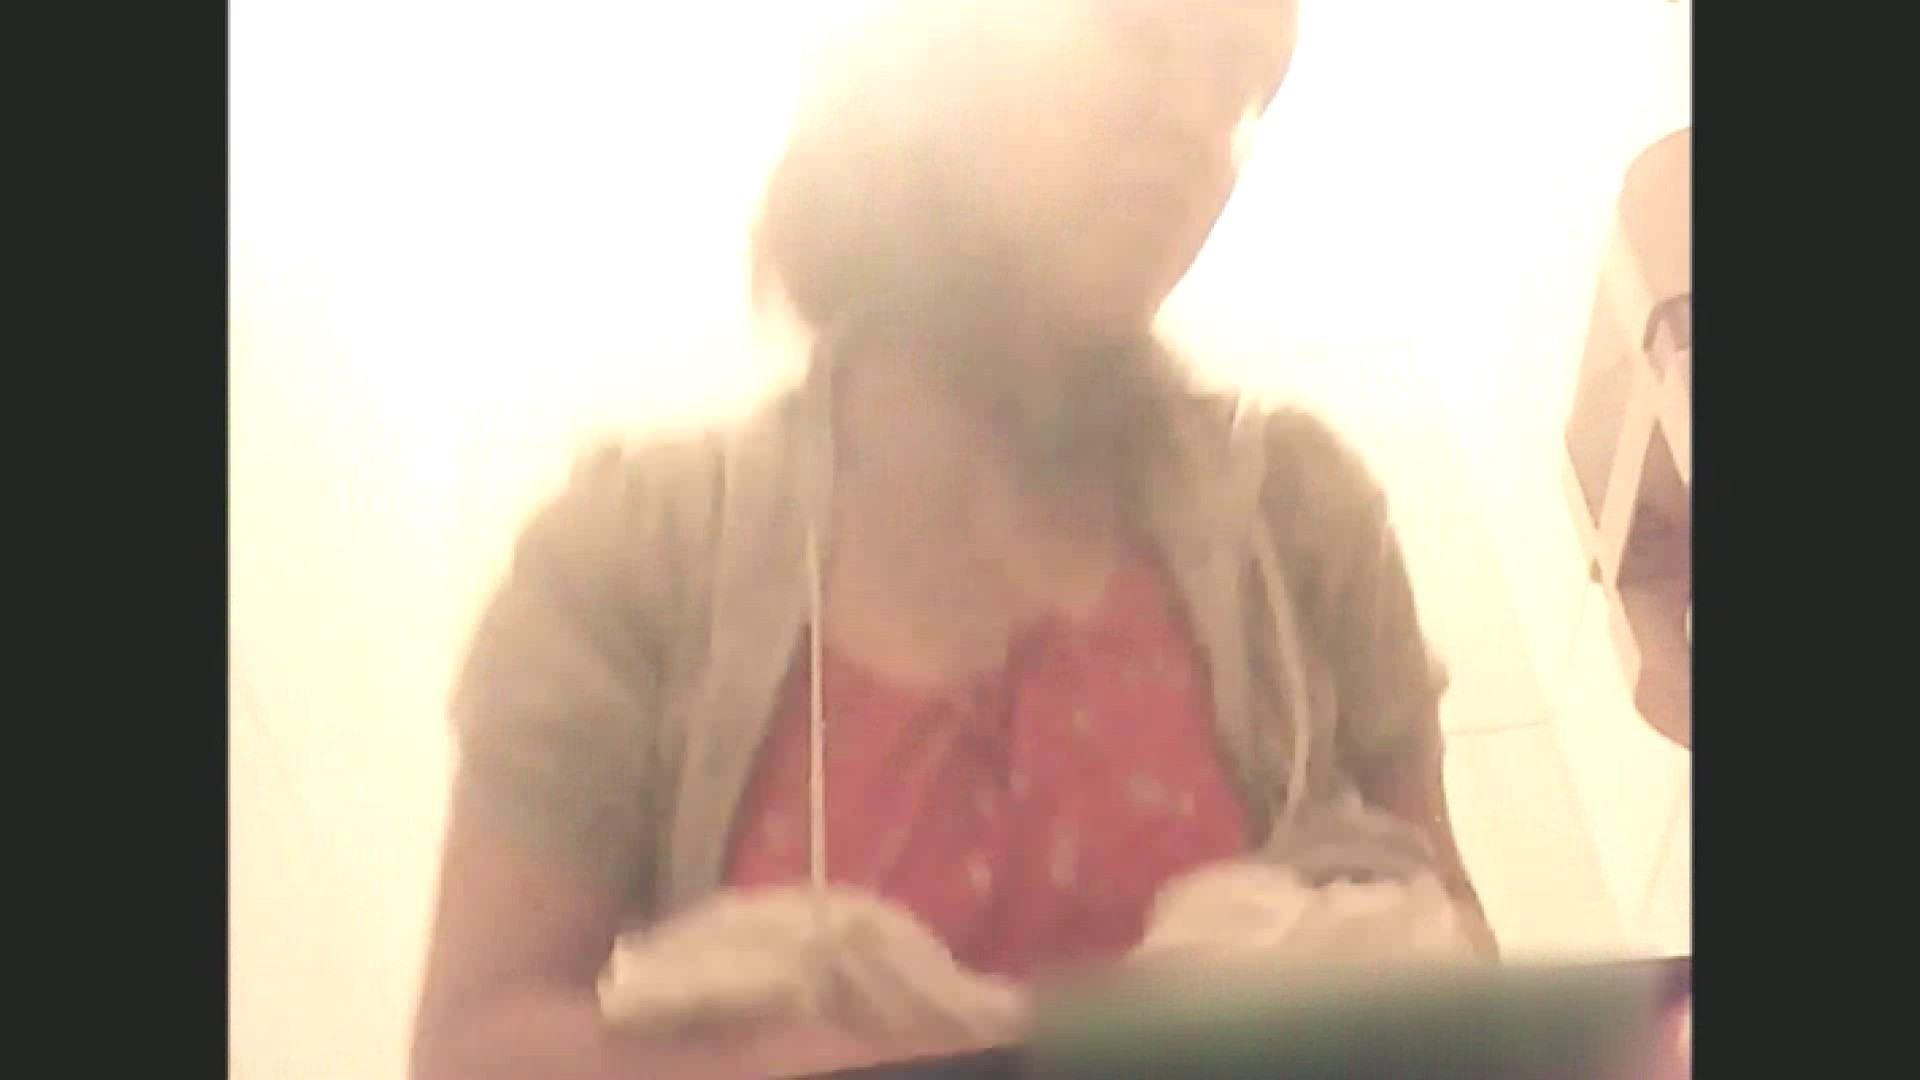 実録!!綺麗なお姉さんのトイレ事情・・・。vol.1 ナプキン | 美女OL  63連発 31